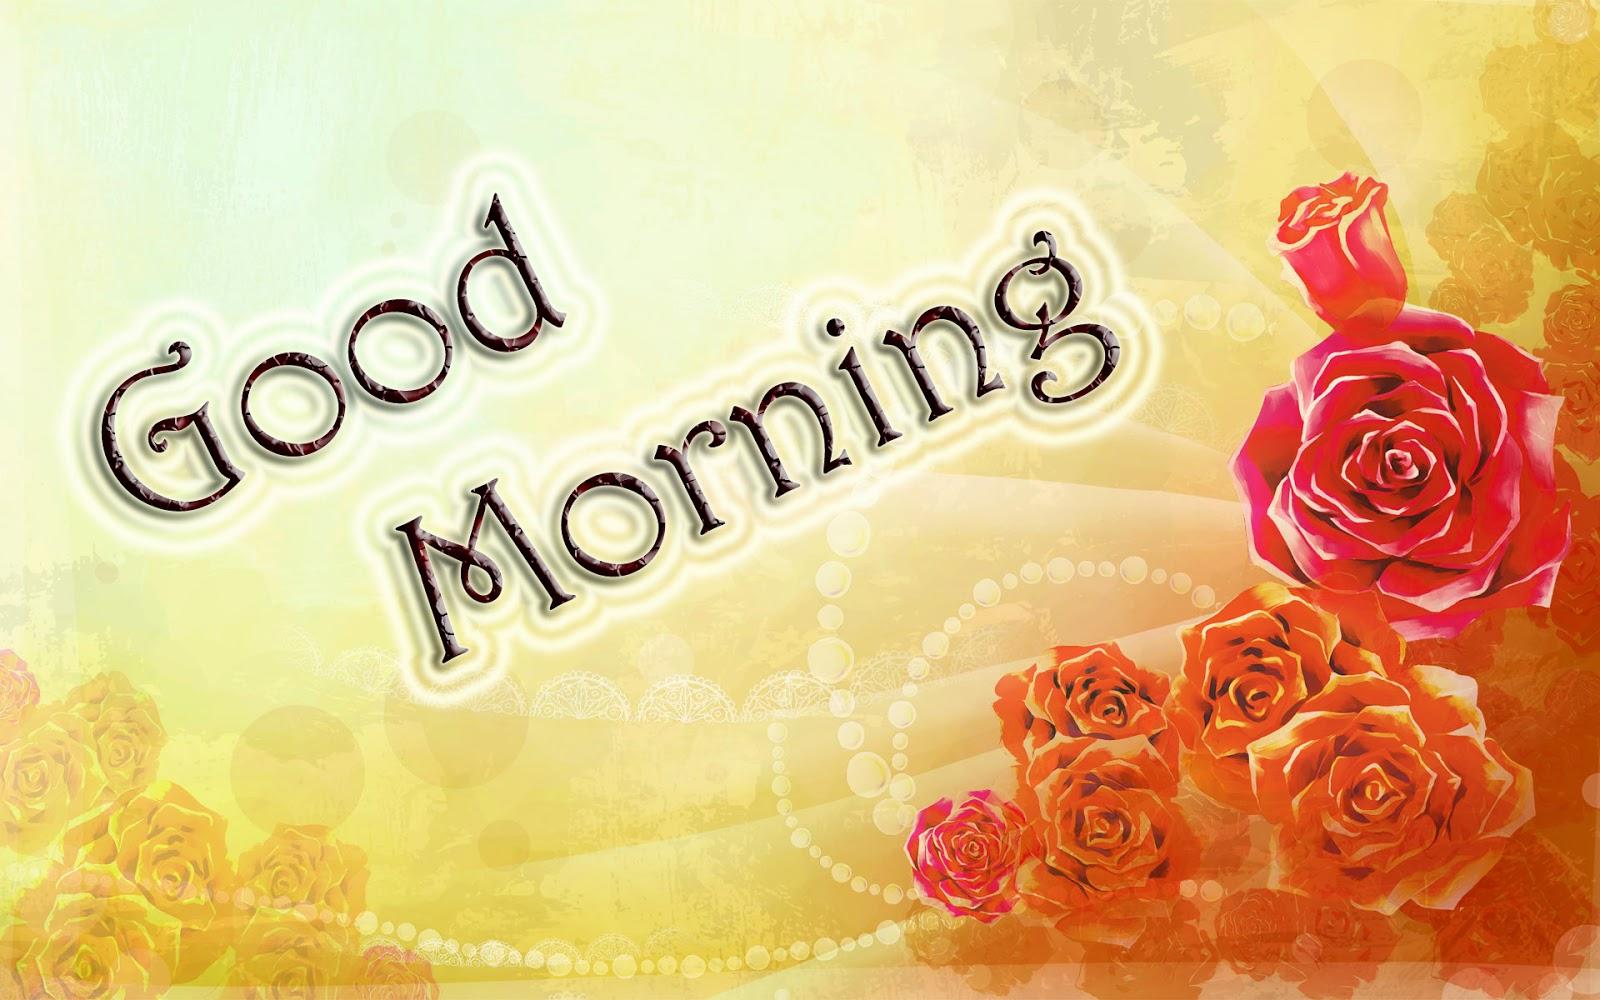 بالصور صور صباح العسل , اجمل صور الصباح 3266 9